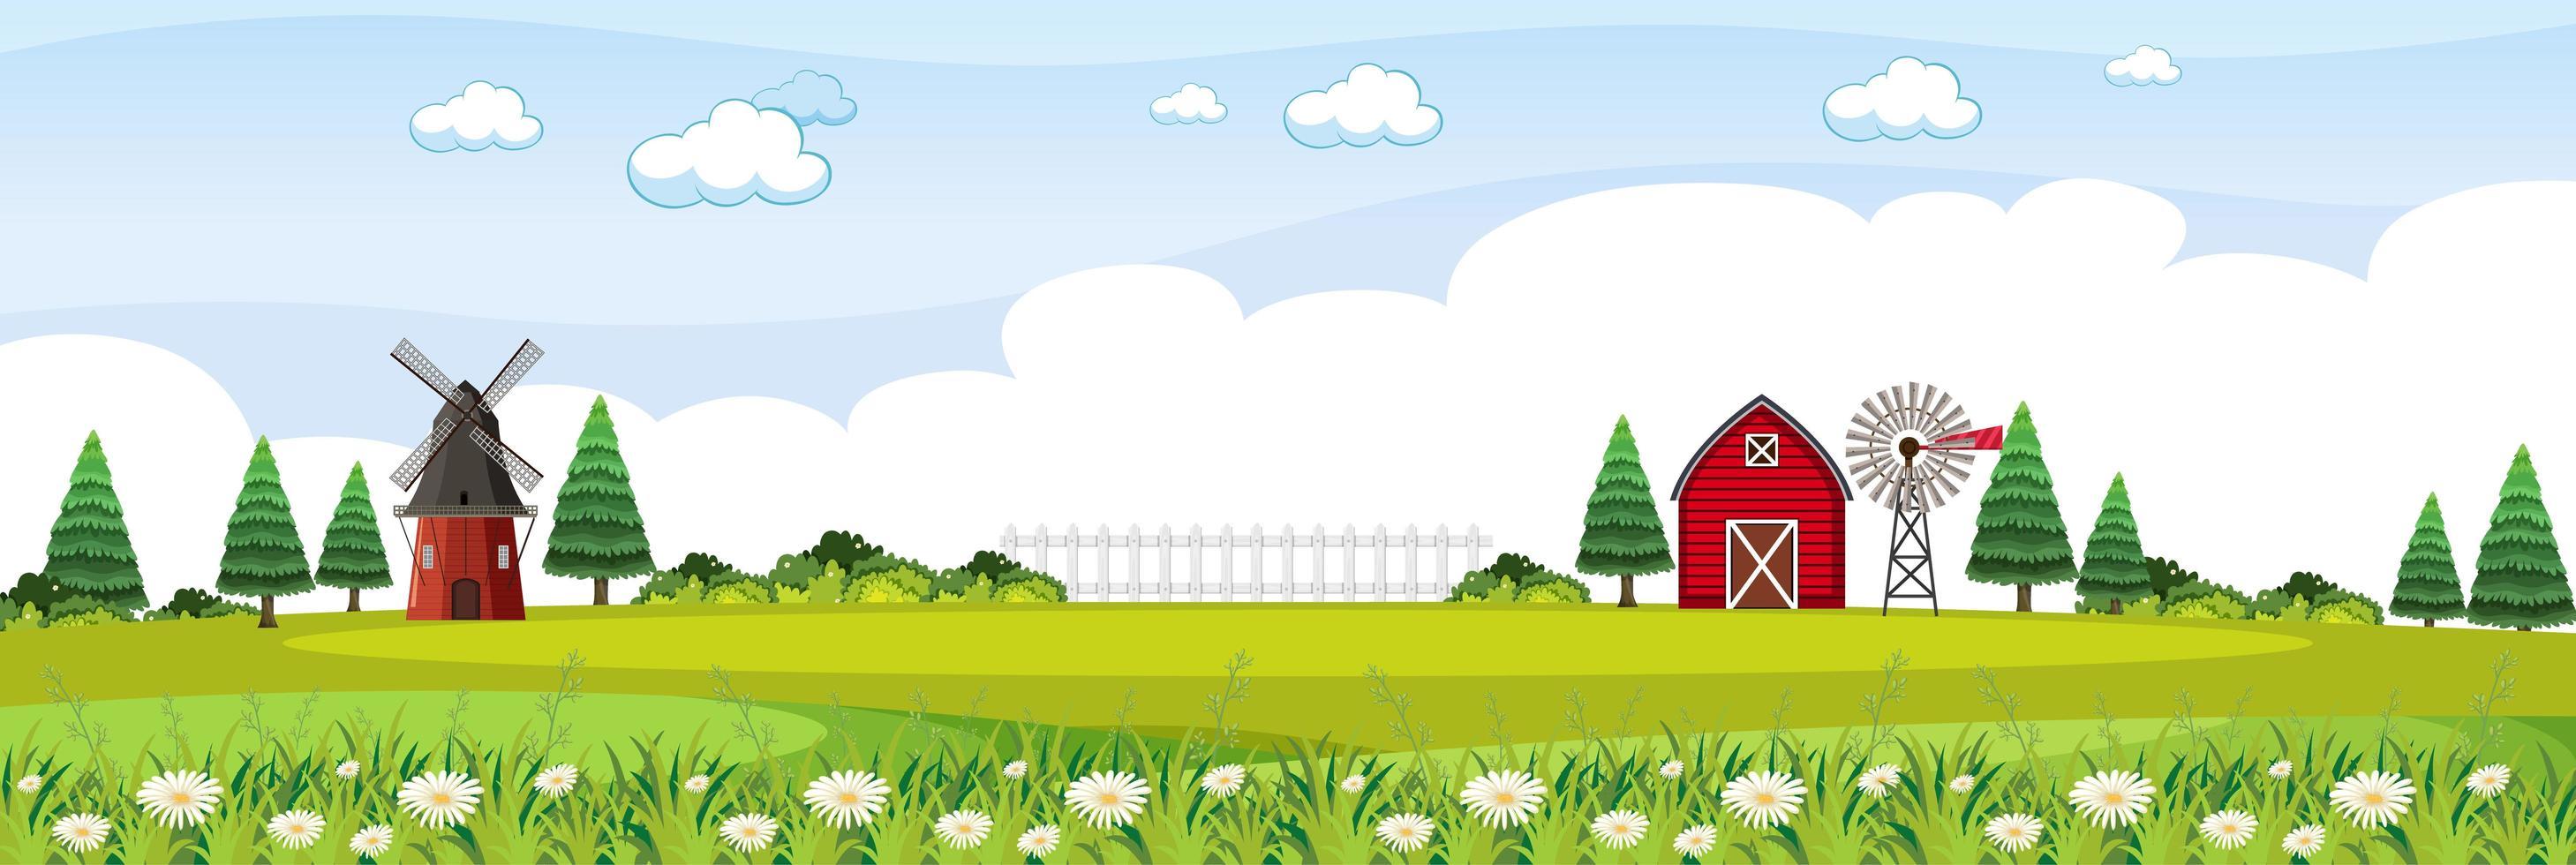 paisaje agrícola con granero rojo y molino de viento en temporada de verano vector